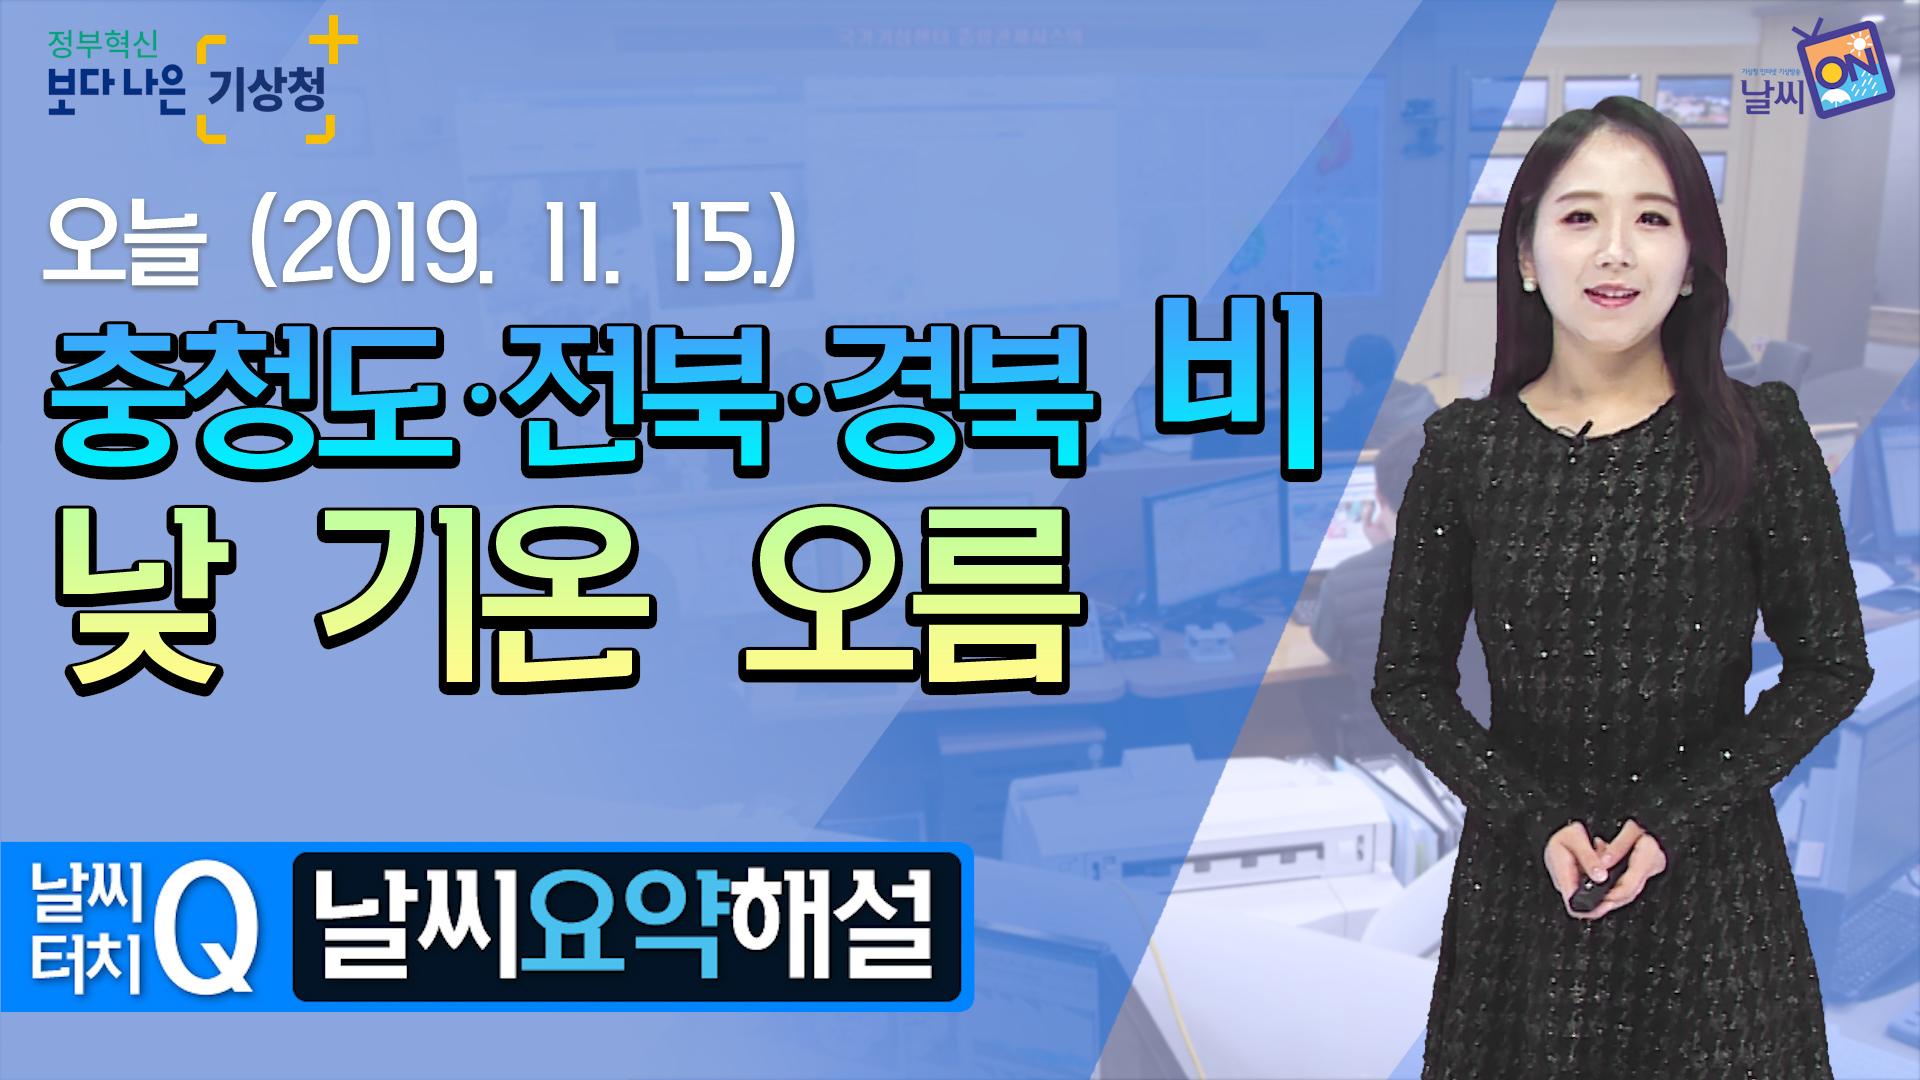 [10시] 11월 15일(금) 충청도‧전북‧경북 비, 낮 기온 오름